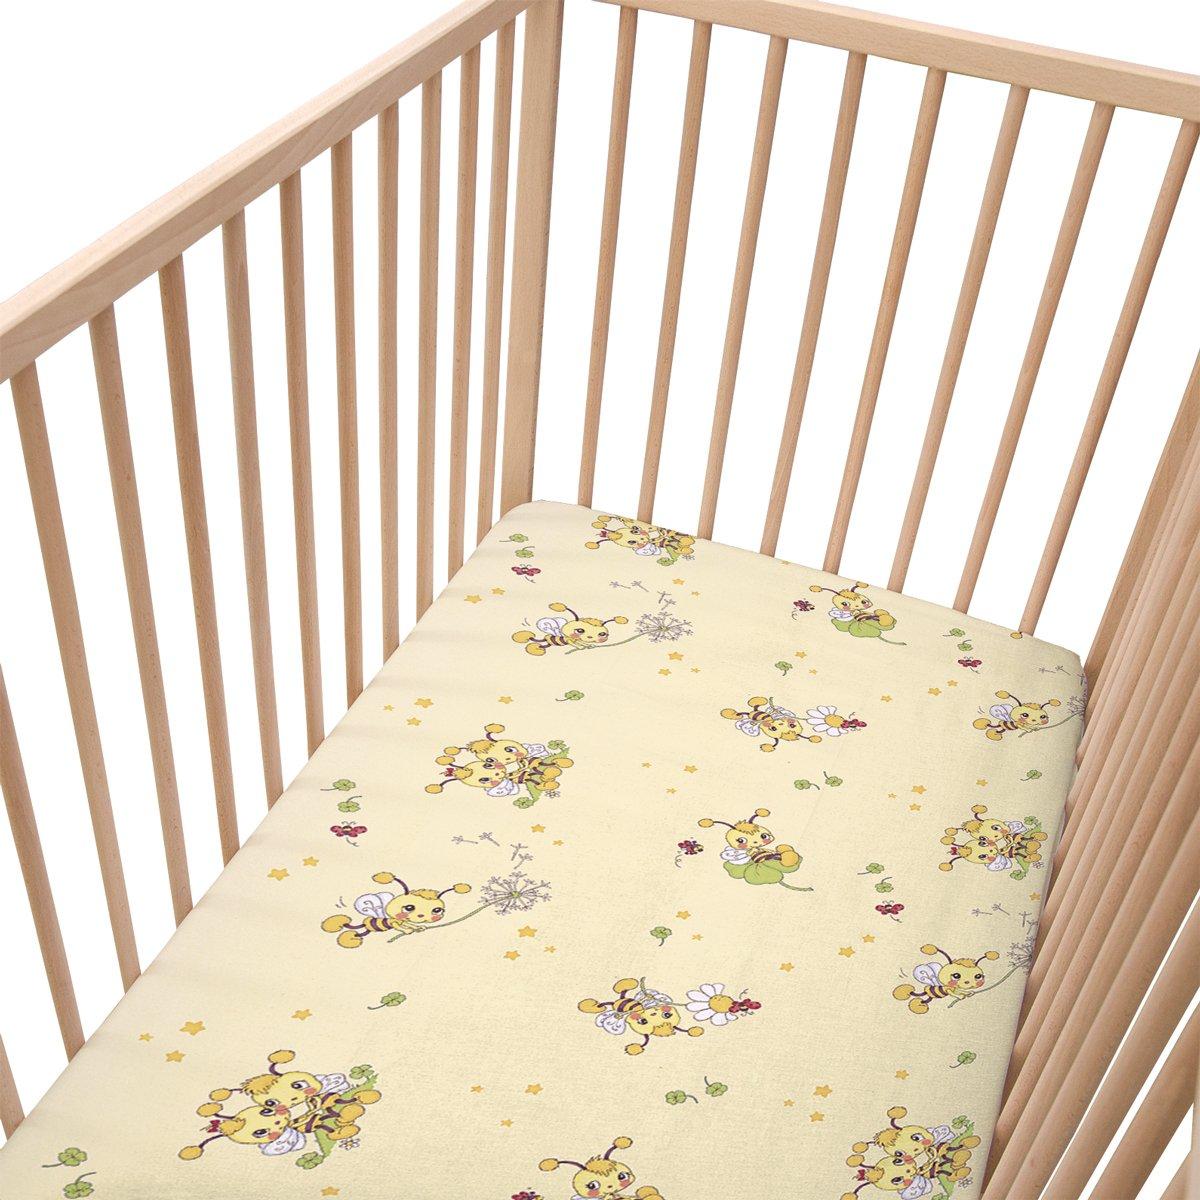 Les petites abeilles/Lot de 2 draps housse Pati'Chou pour lit bébé 60x120 cm SoulBedroom